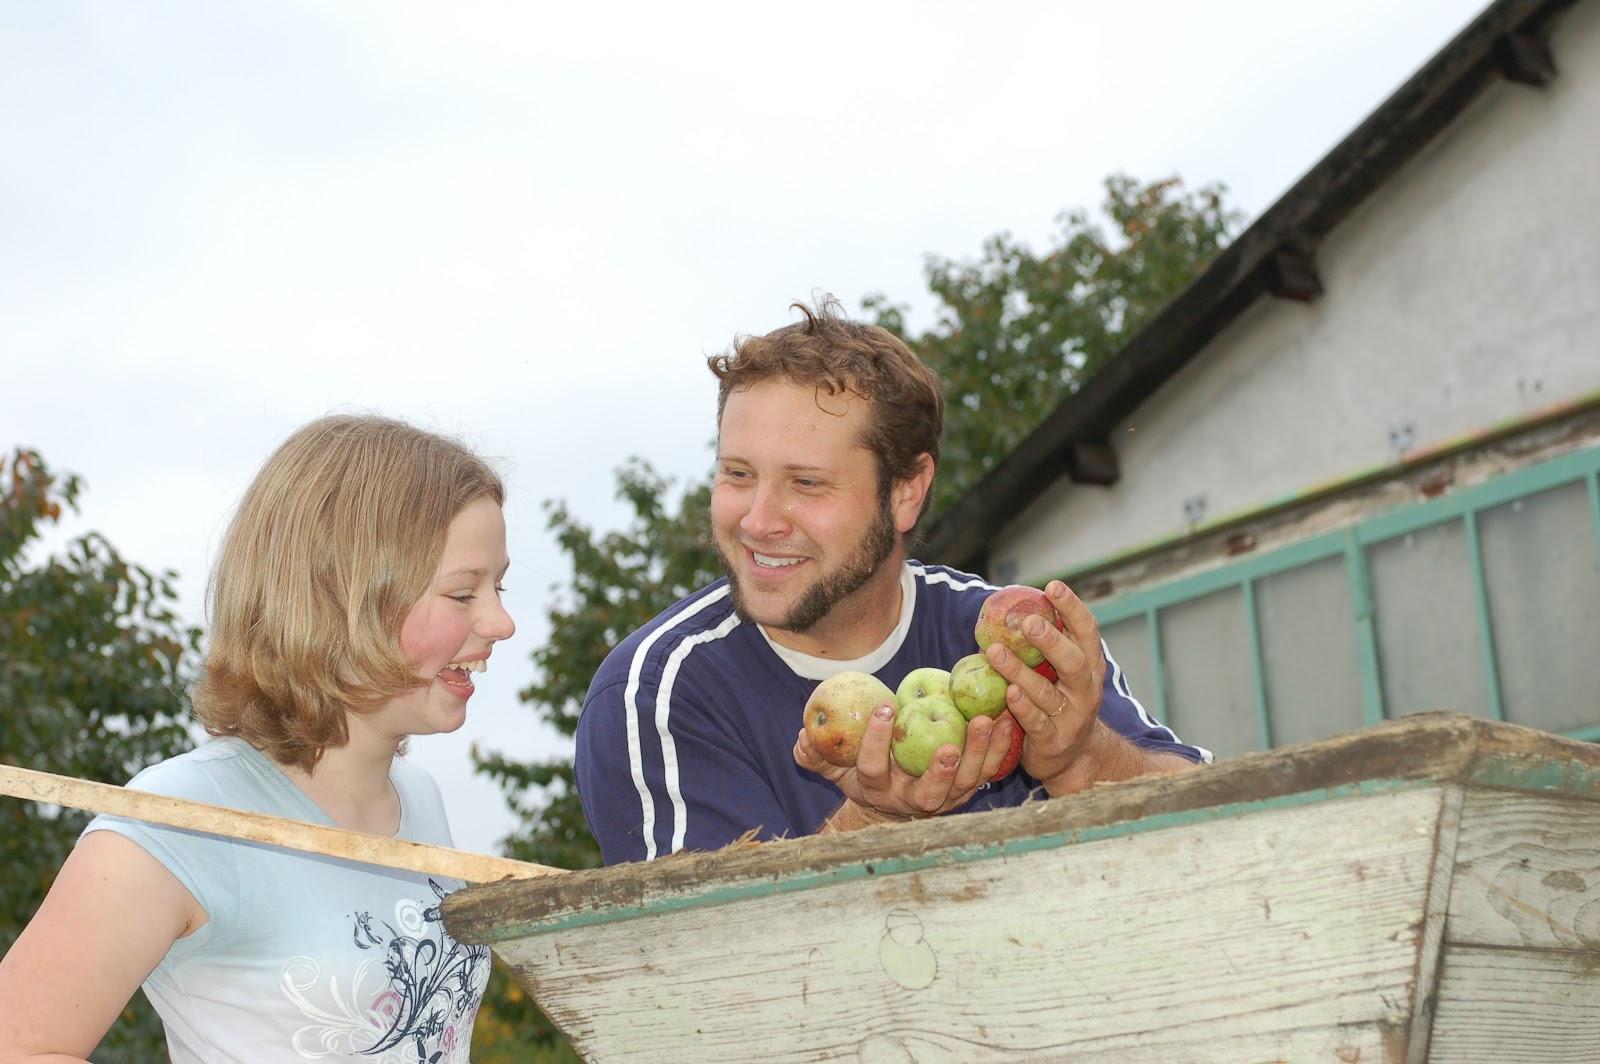 finding local vegans, talk to local vegans, local vegan places, local vegan tours